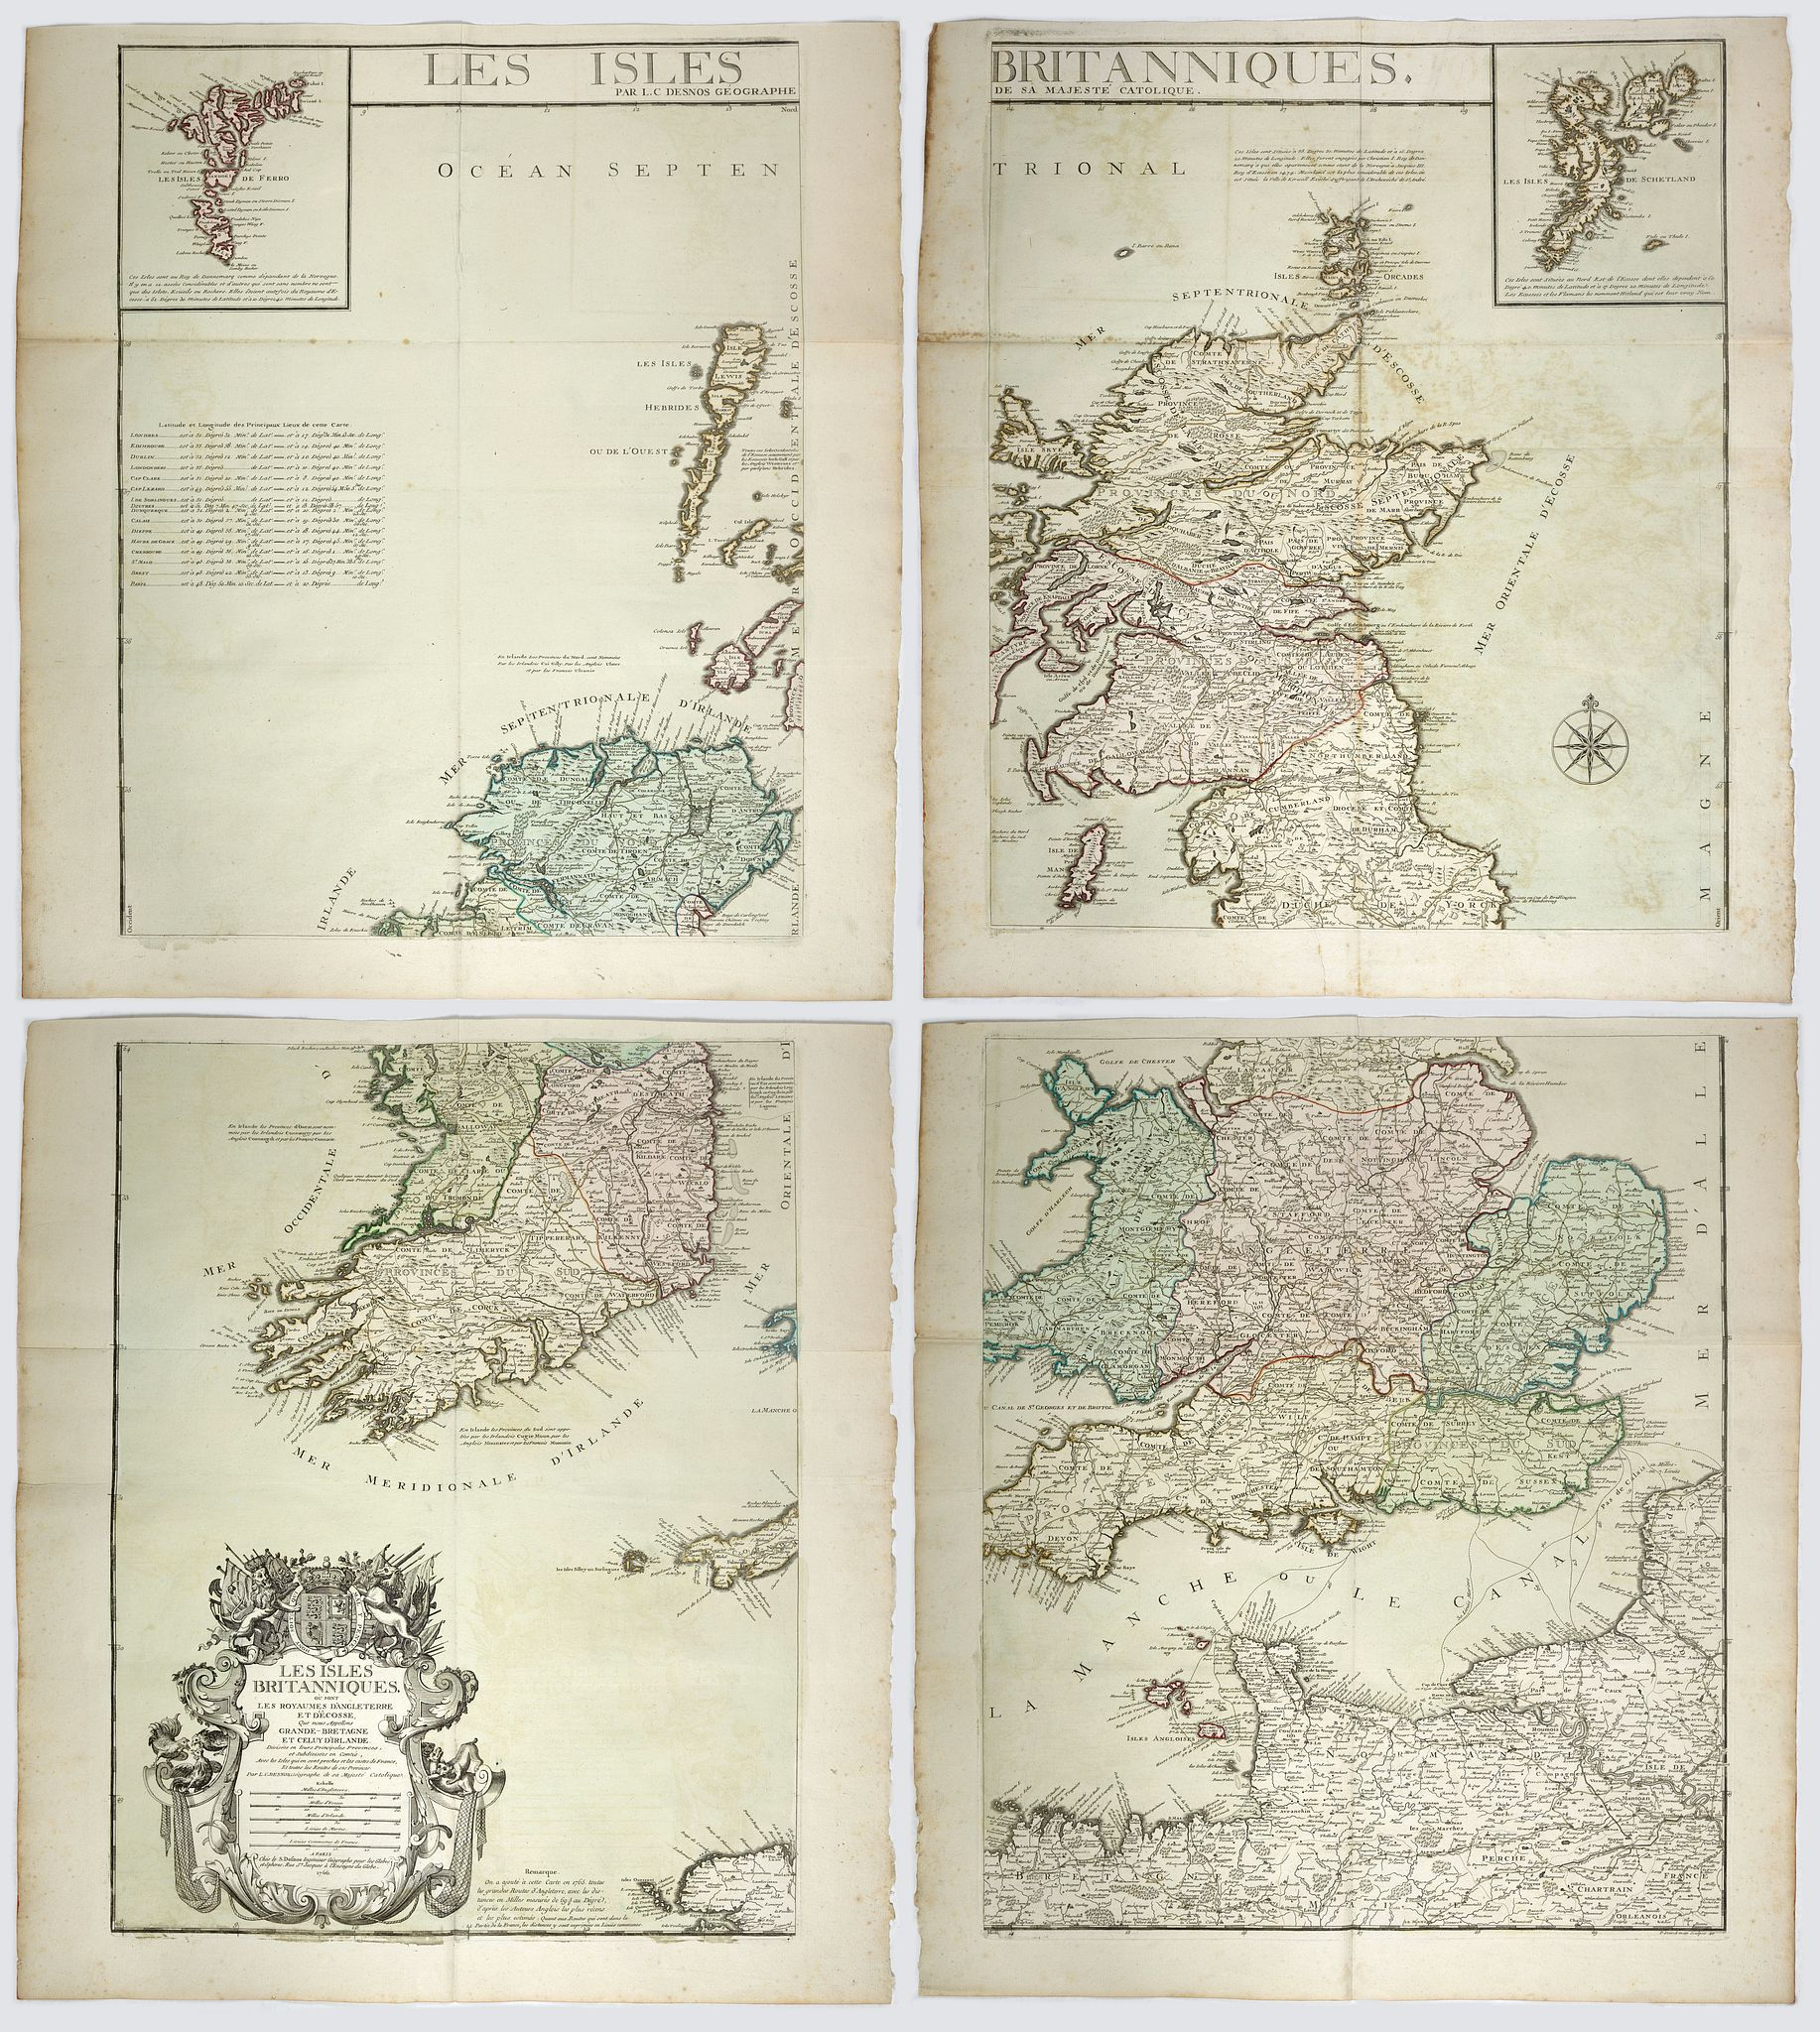 DESNOS, Louis Charles -  Les Isles Britanniques, où sont les Royaumes d'Angleterre et d'Ëcosse, que nous appellons Grande-Bretagne et celey d'Irlande.